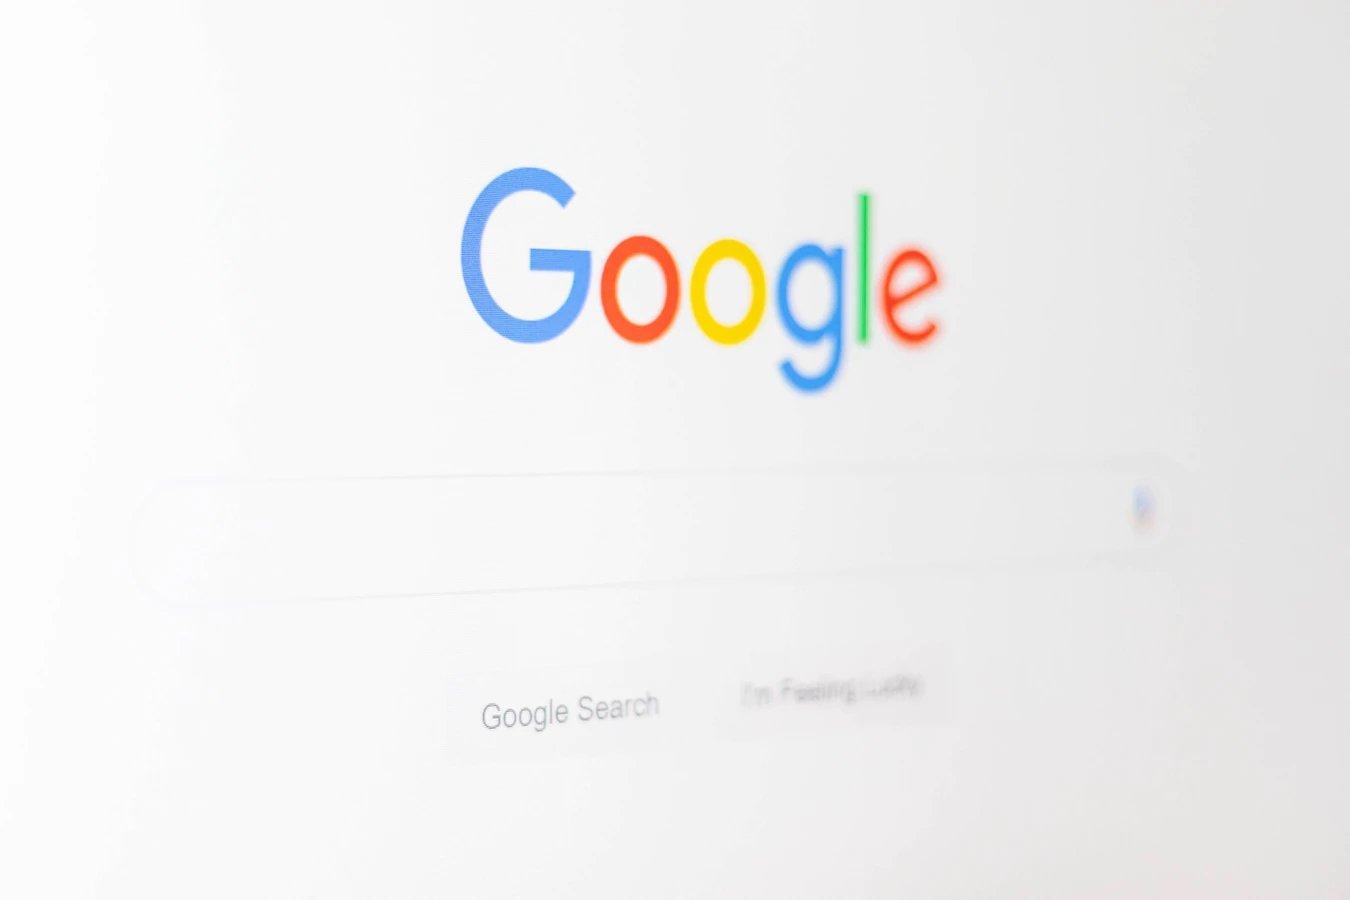 Google pesquisa site inicial